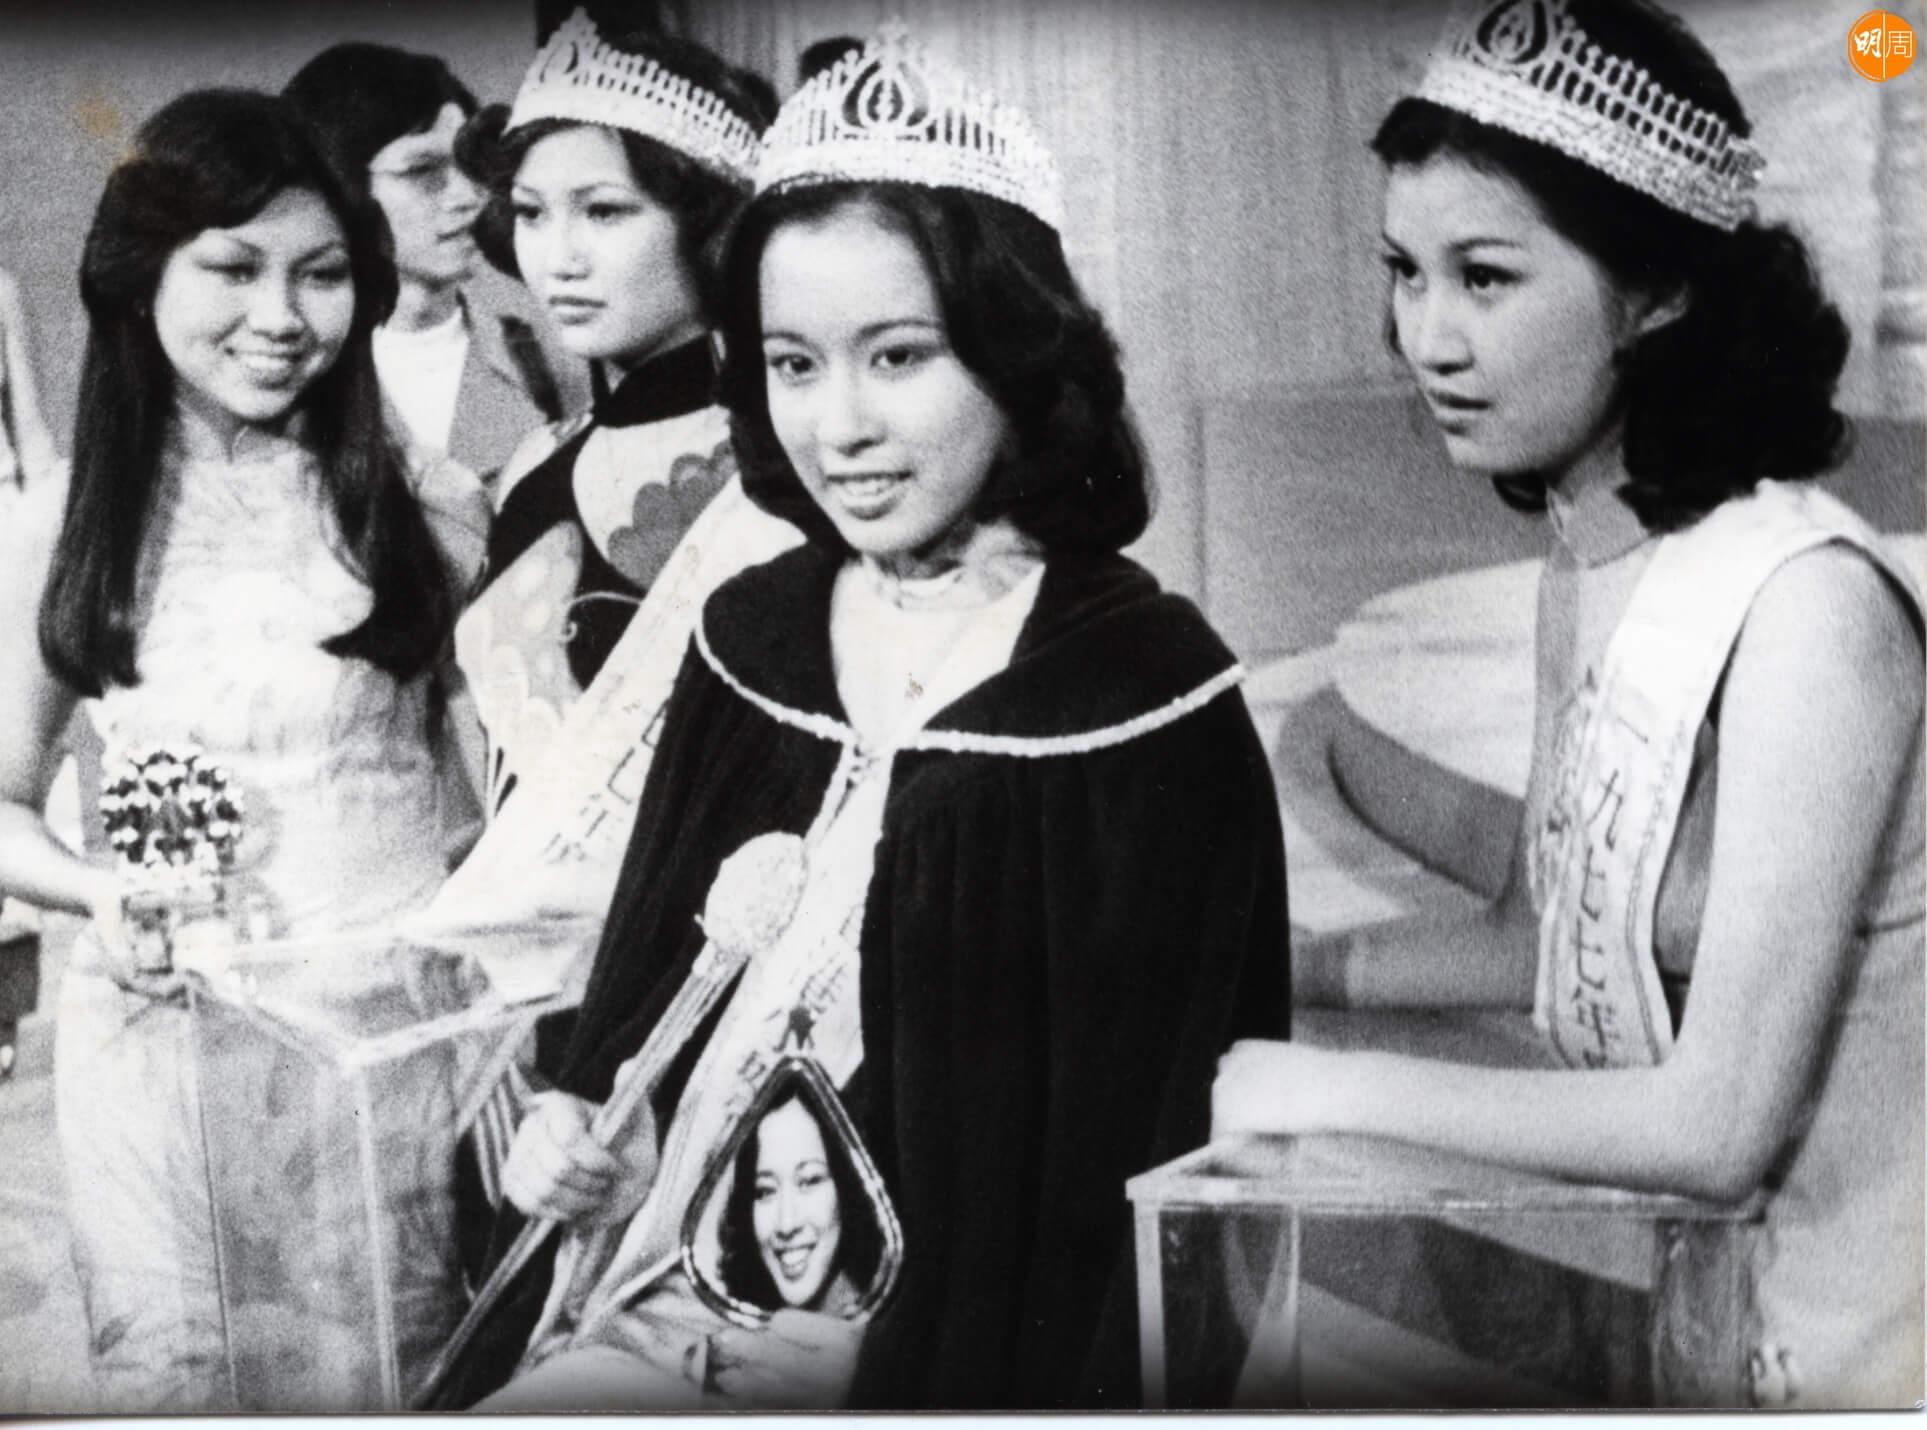 朱玲玲於1977年參加香港小姐